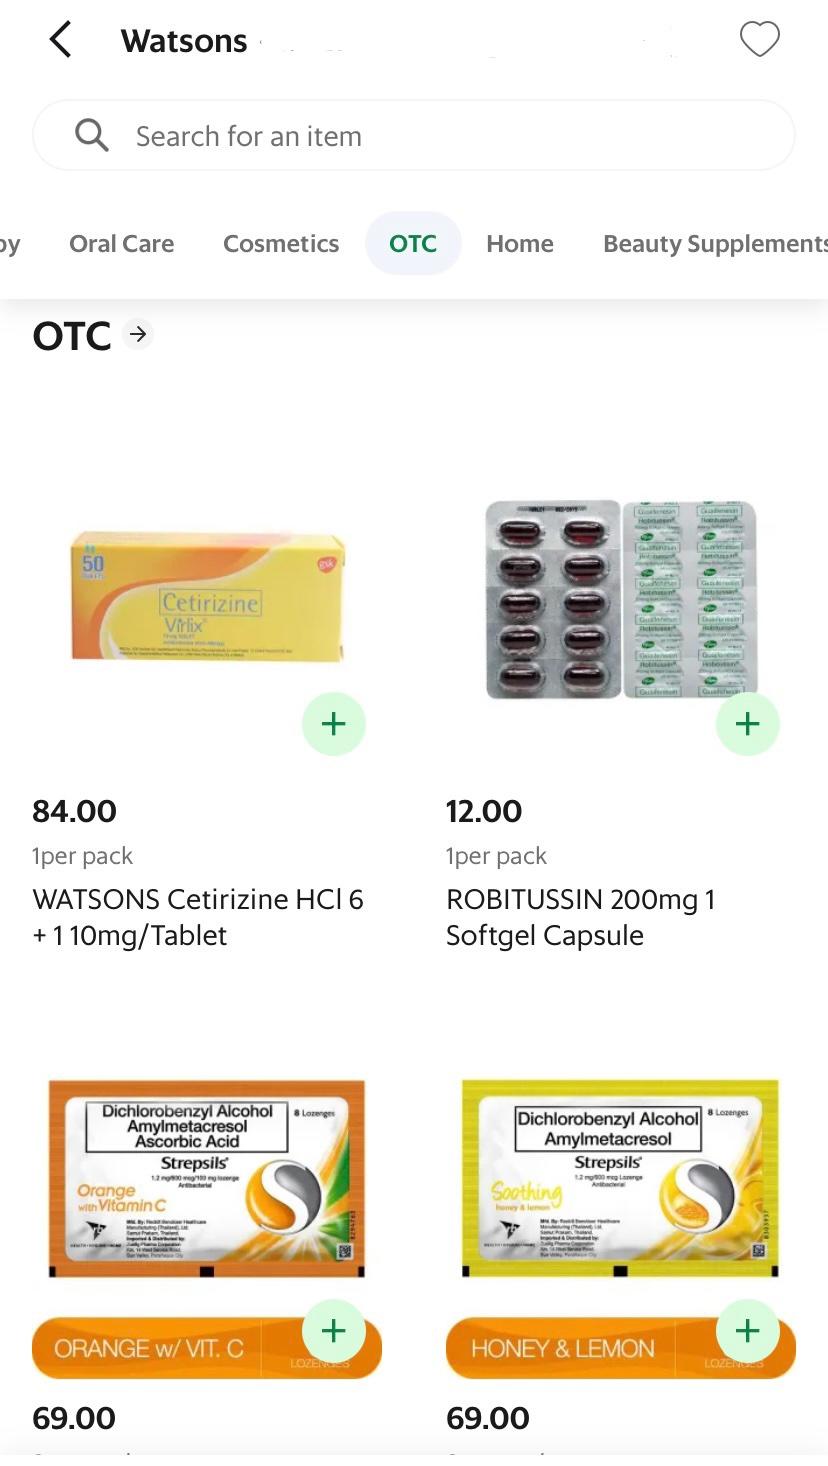 Watsons OTC Selection On GrabMart